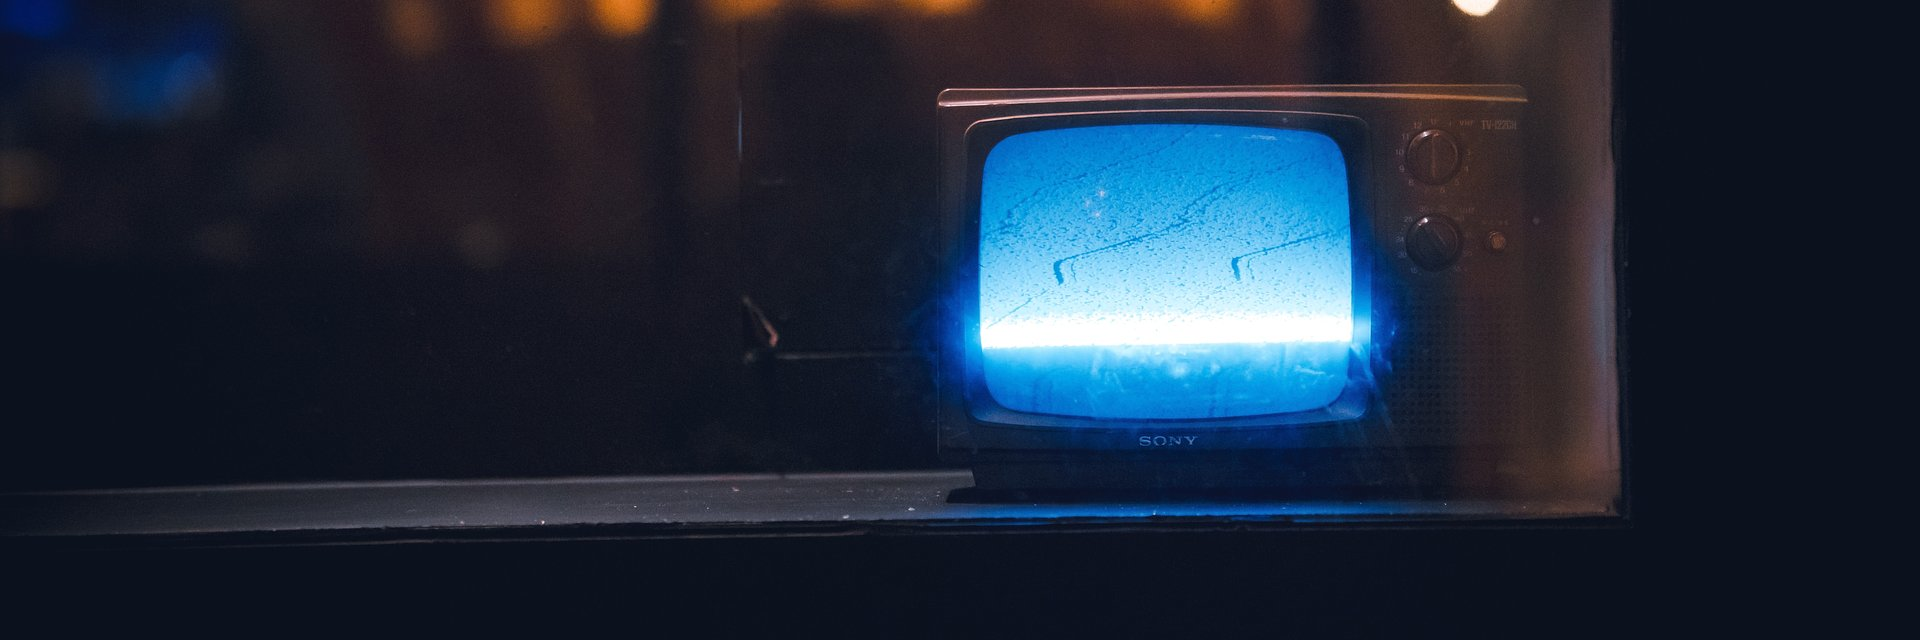 Zarządź uwagą konsumenta - co i jak się ogląda w 2020 roku?